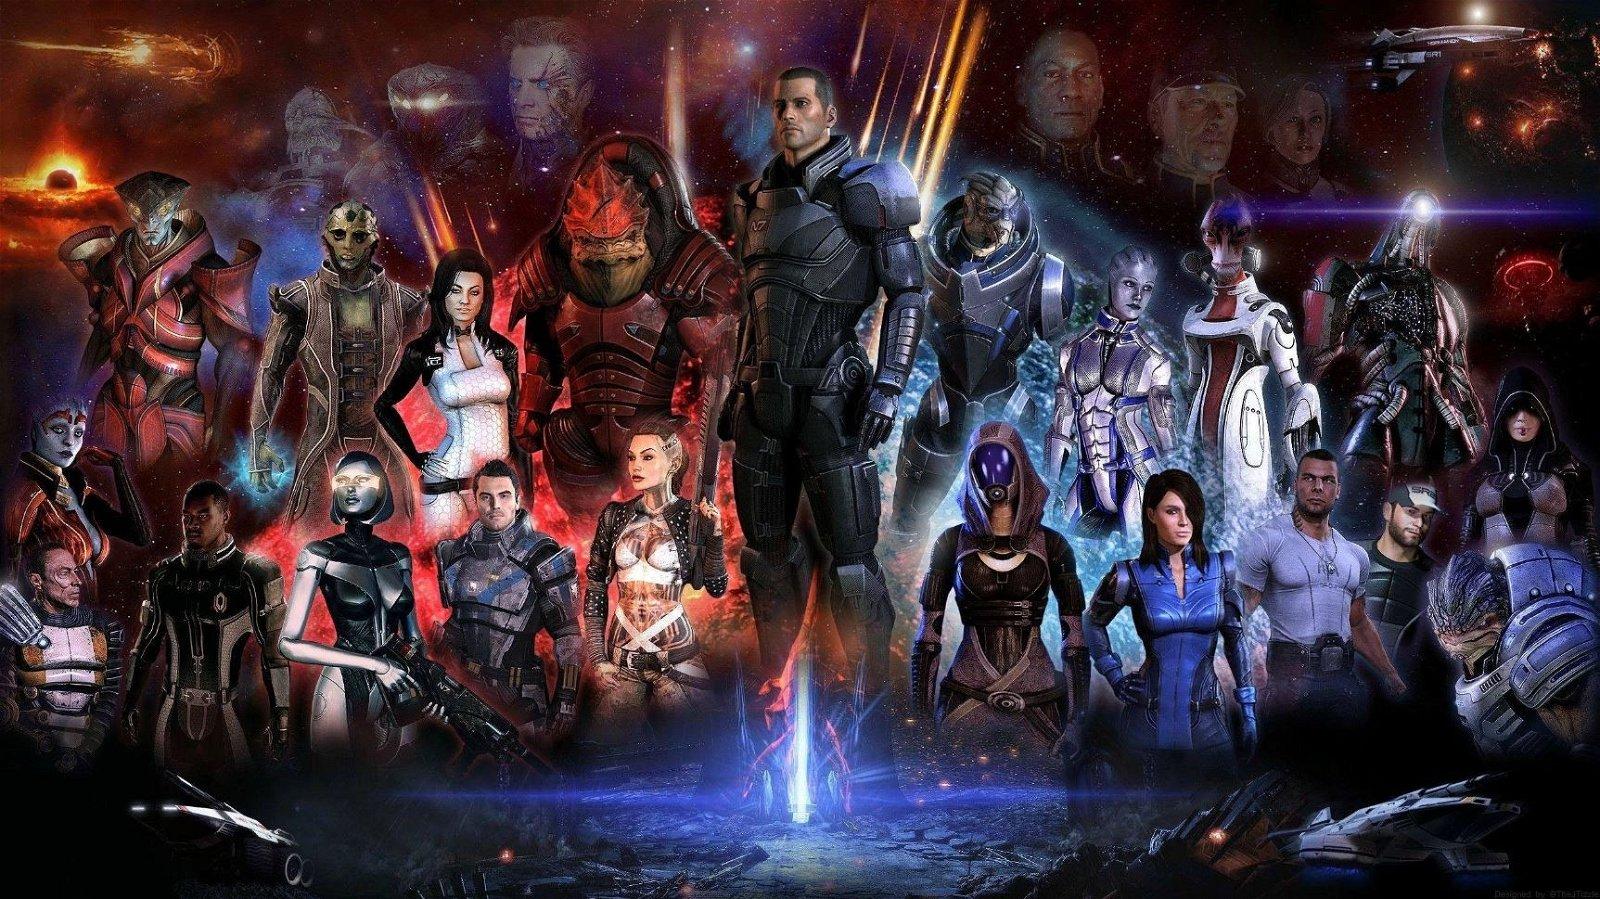 Electronic Arts no piensa en remasterizar Mass Effect pese a que sería